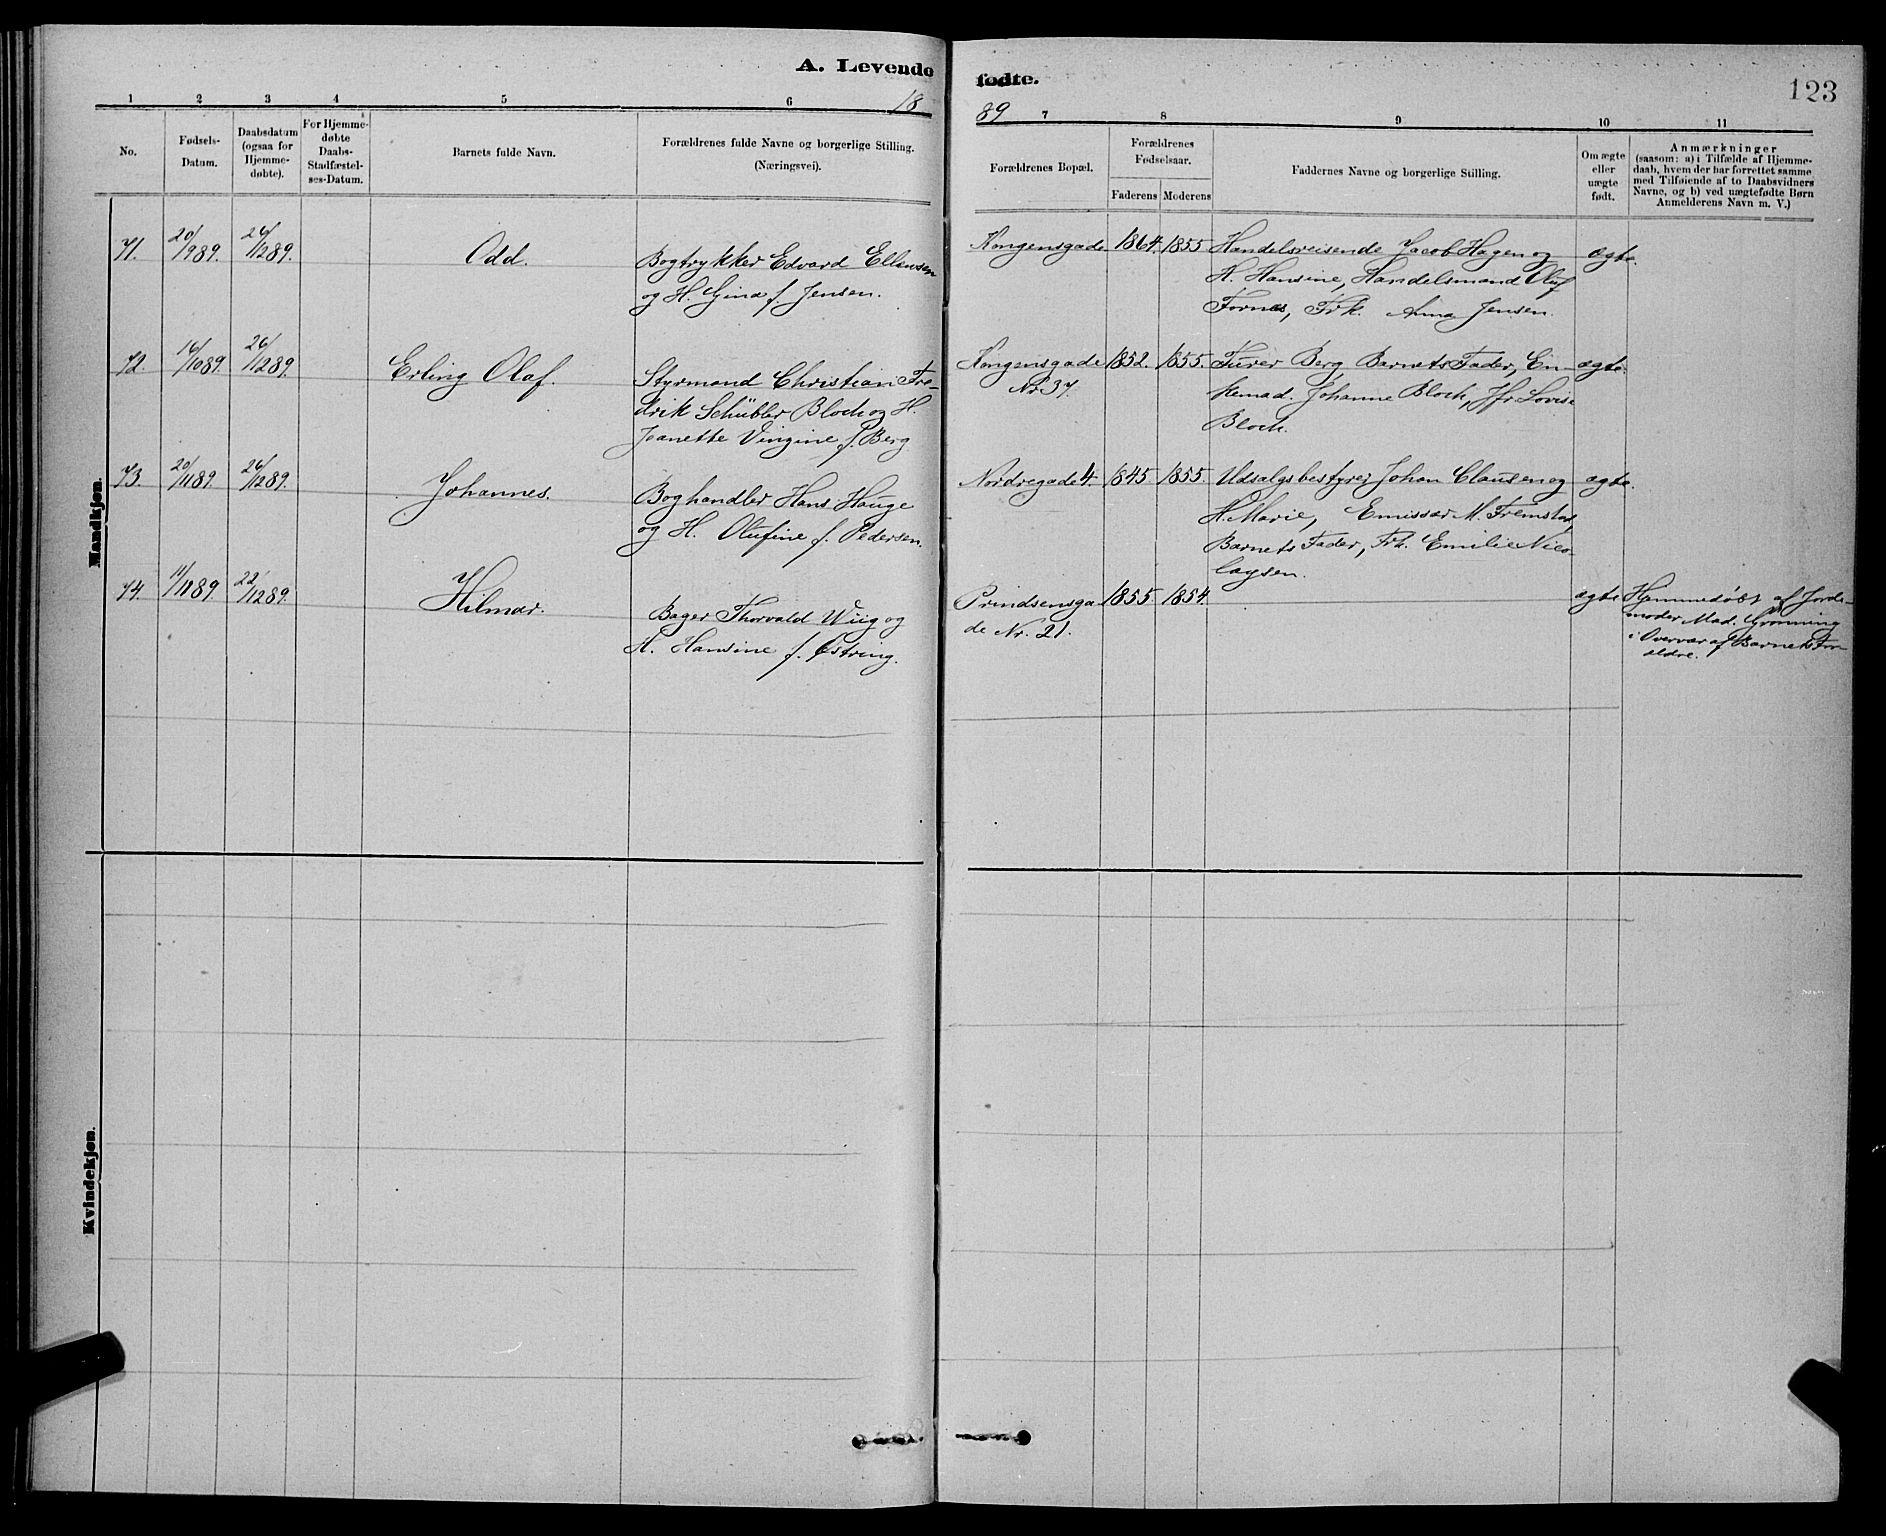 SAT, Ministerialprotokoller, klokkerbøker og fødselsregistre - Sør-Trøndelag, 601/L0092: Klokkerbok nr. 601C10, 1884-1897, s. 123